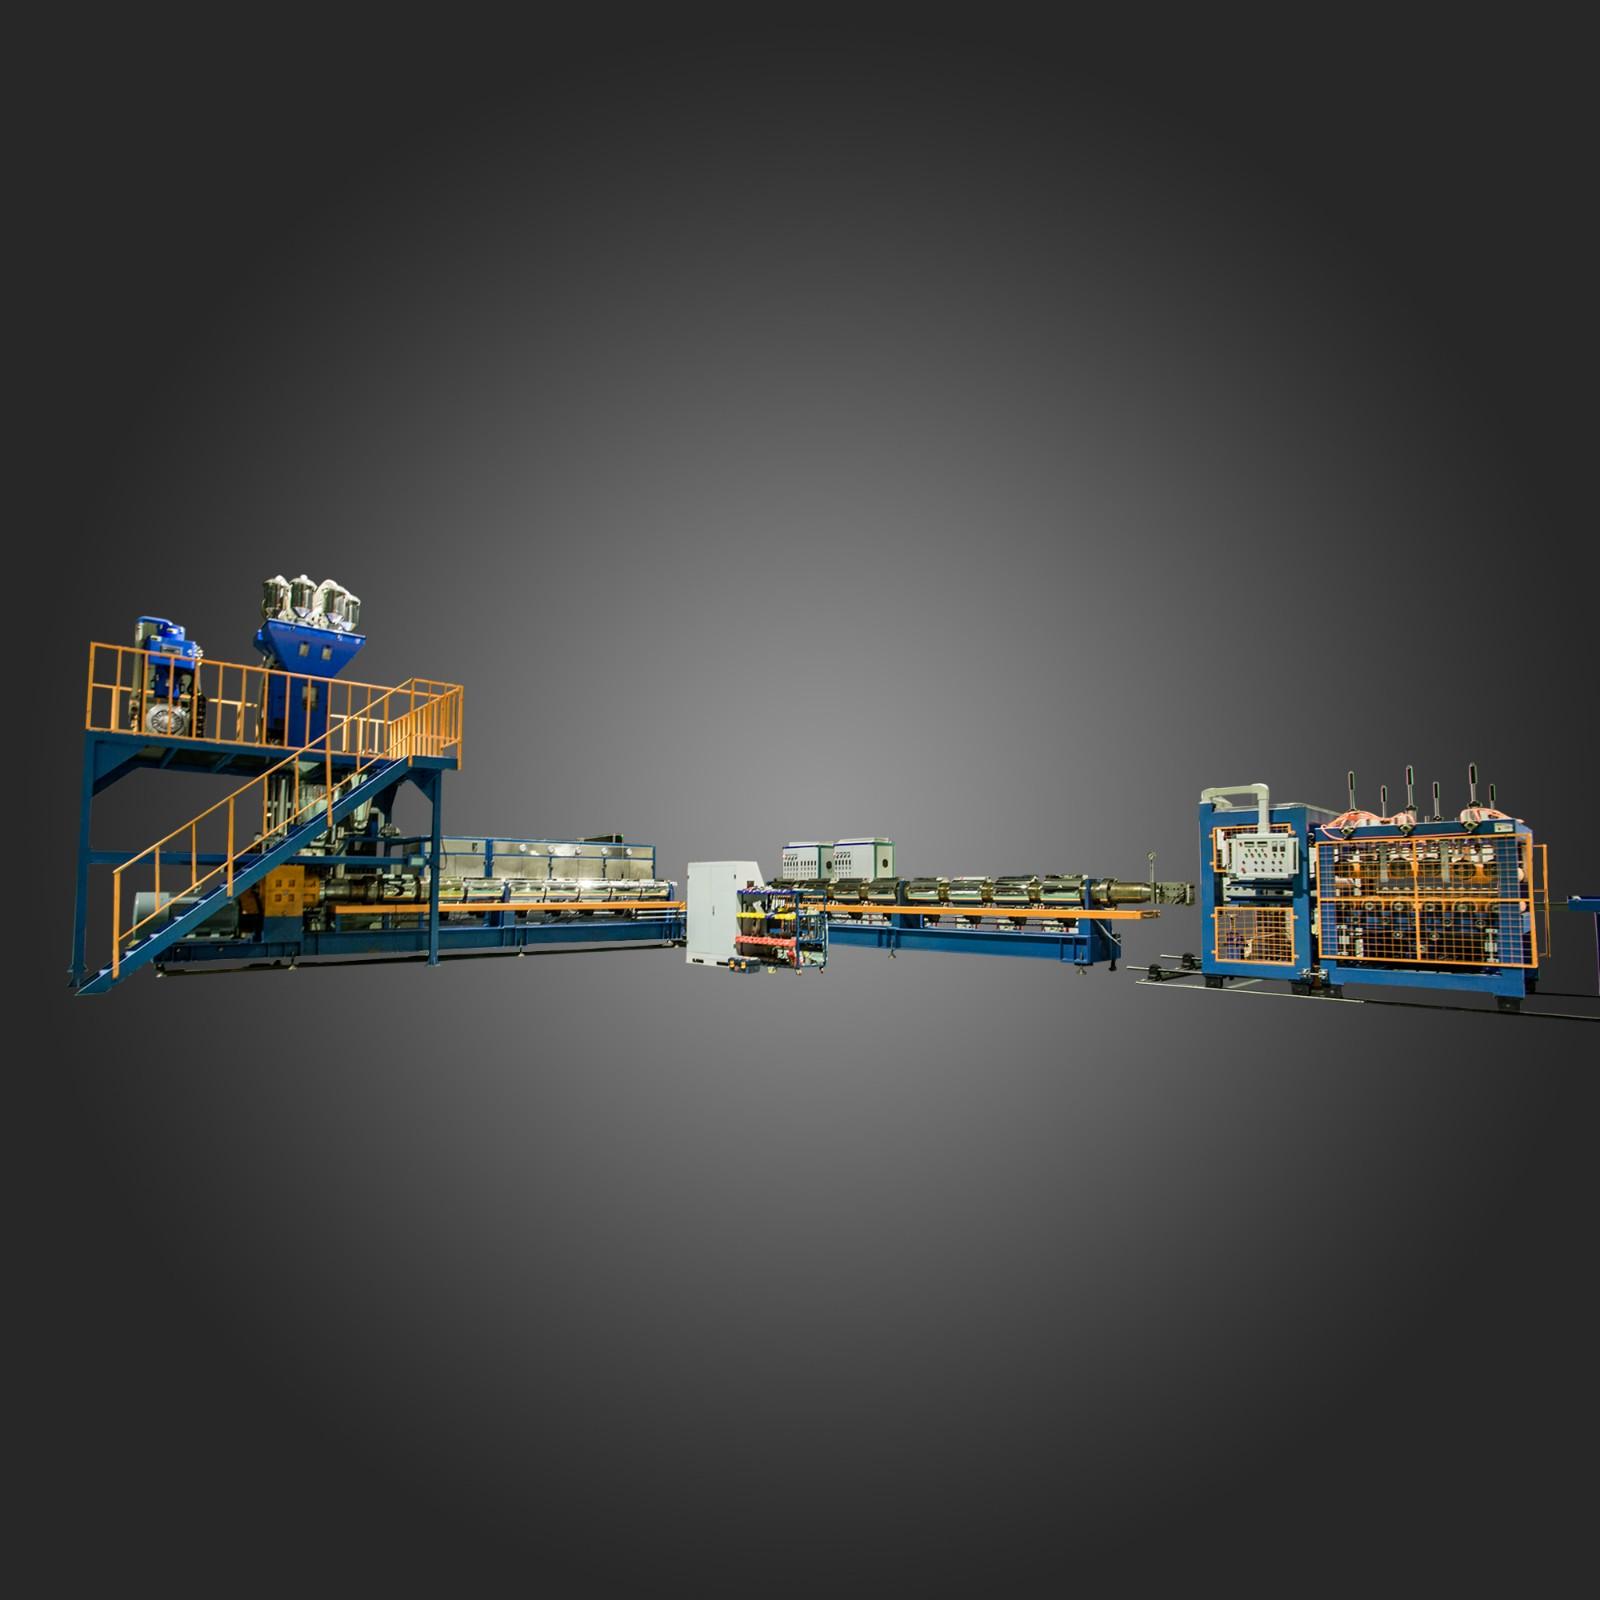 挤塑板设备制造厂家_商机天下网